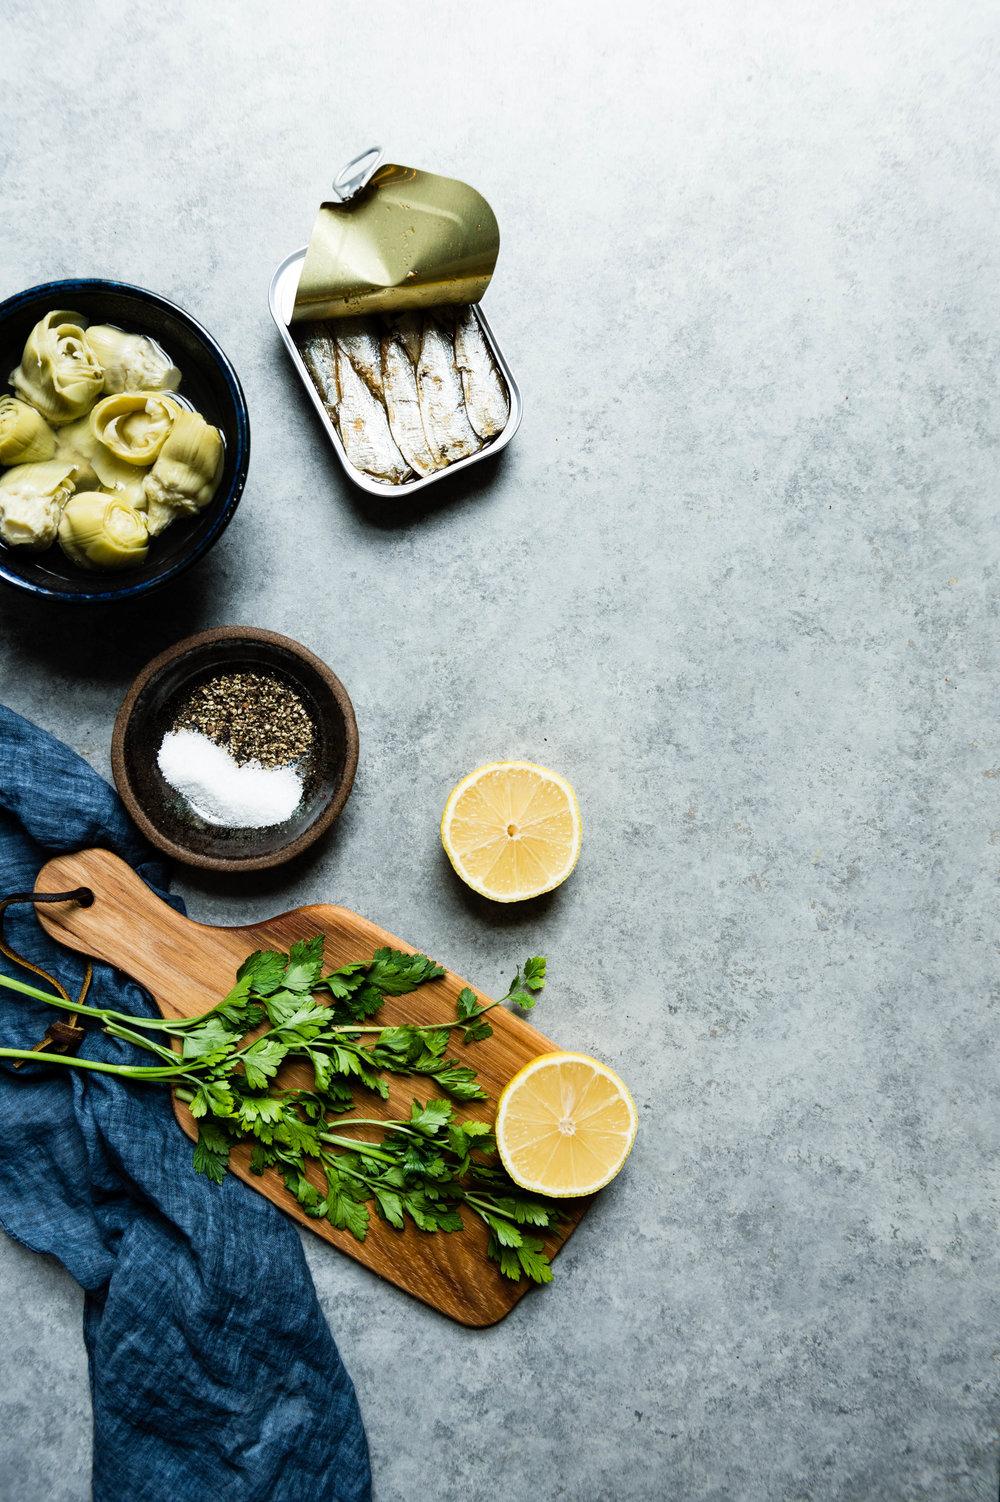 Sardine dip ingredients